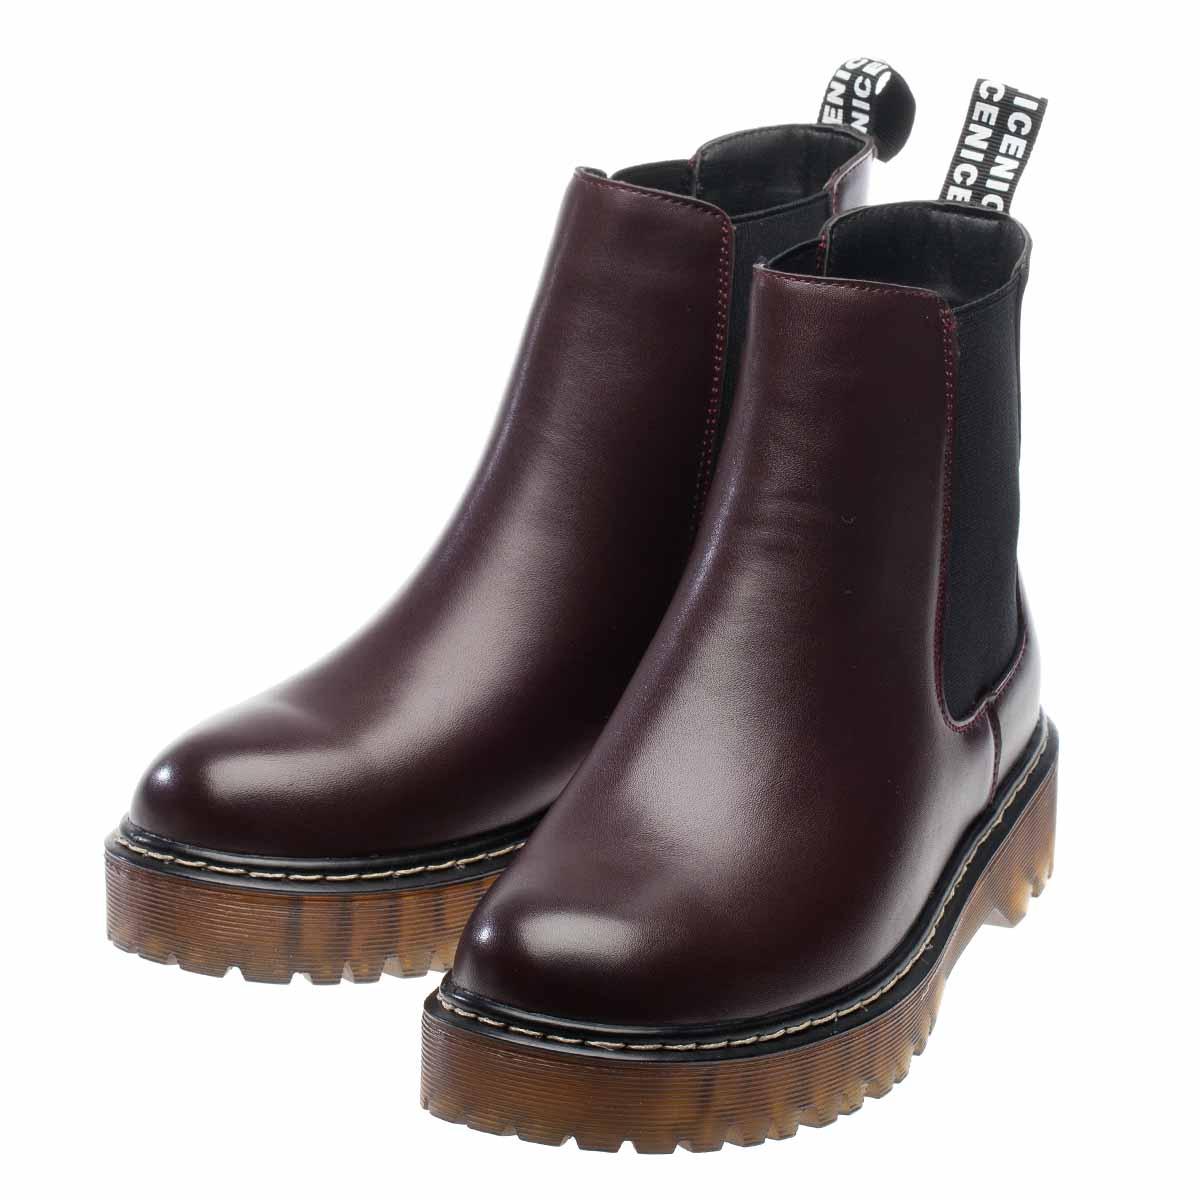 Ботинки демисезонные FERTO, D19-55026